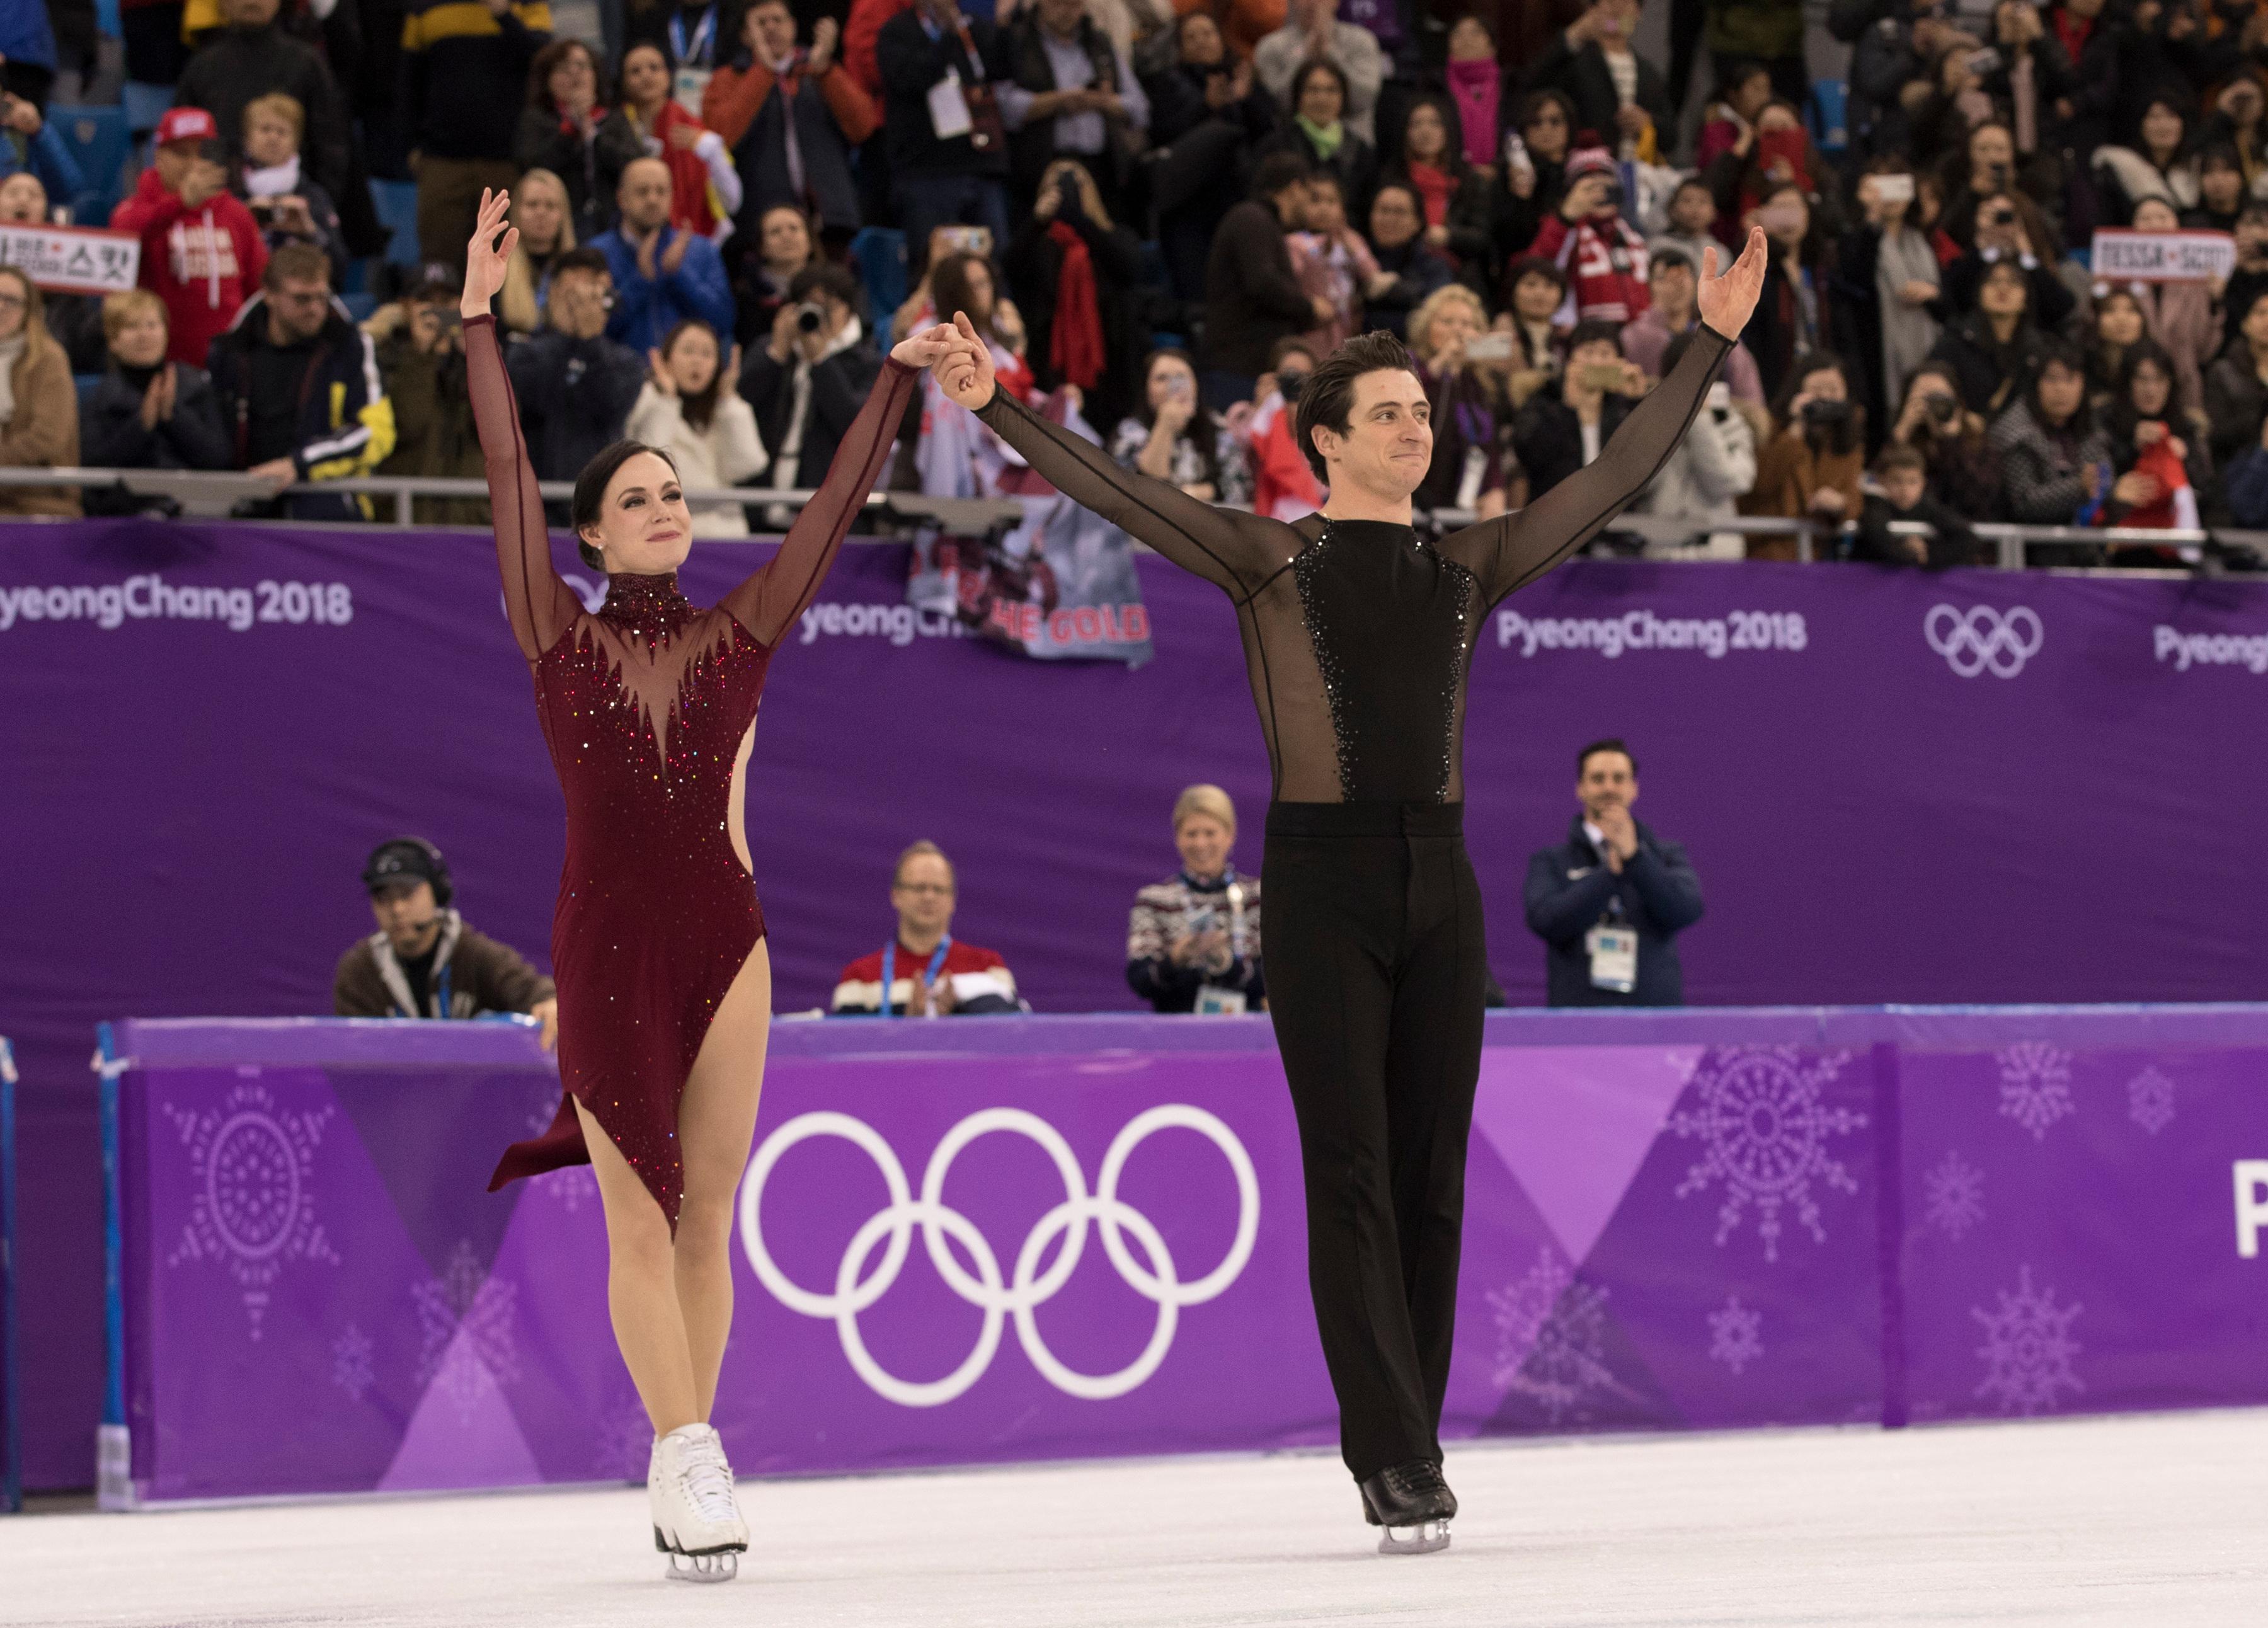 Tessa Virtue et Scott Moir d'Équipe Canada saluent la foule lors de la danse libre aux Jeux olympiques de PyeongChang, le 20 février 2018. (Photo : COC – Jason Ransom)